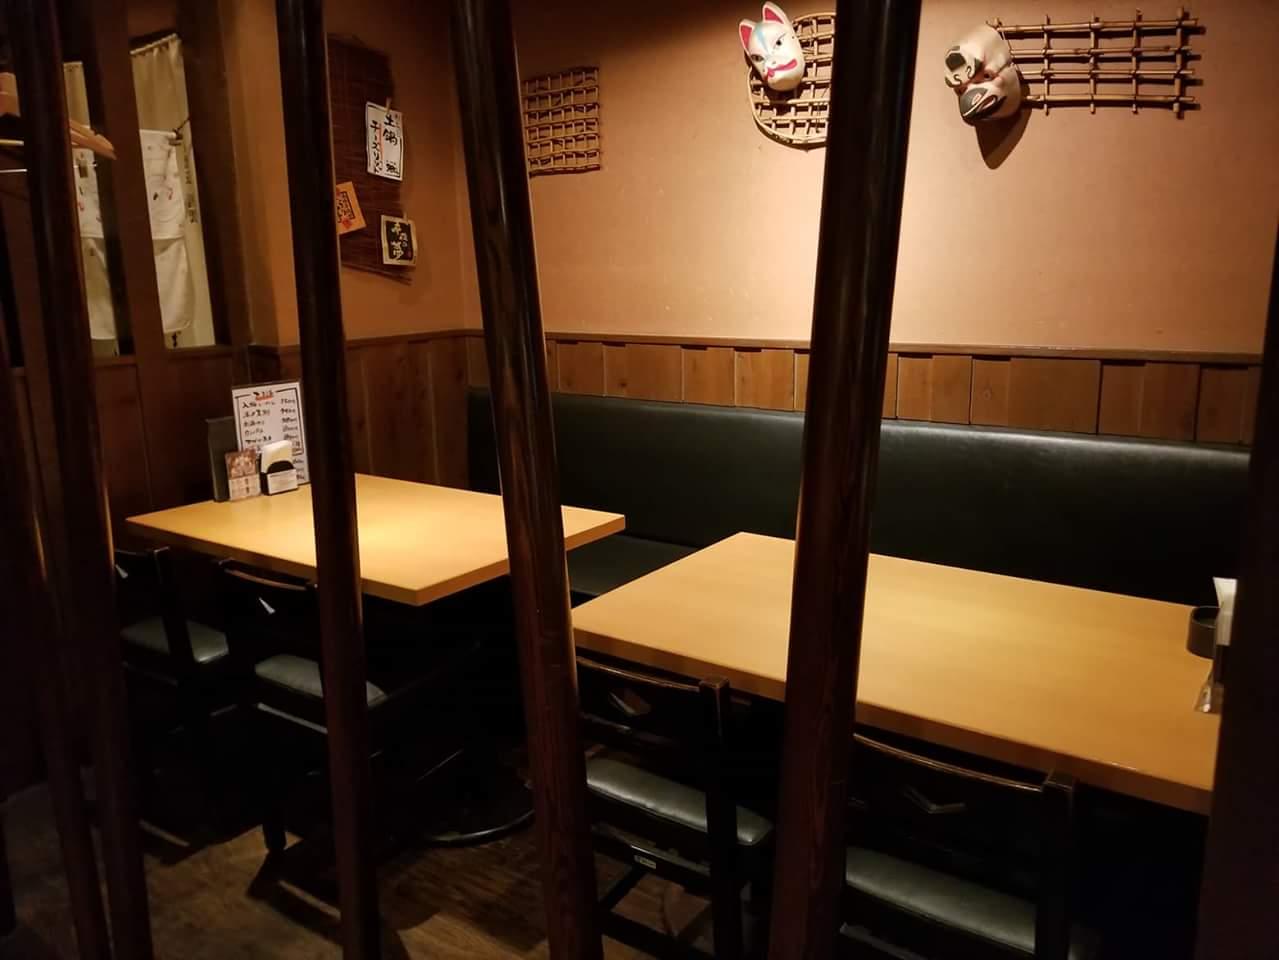 ランチも始めた【がんこ蔵】ホール・キッチン募集中!